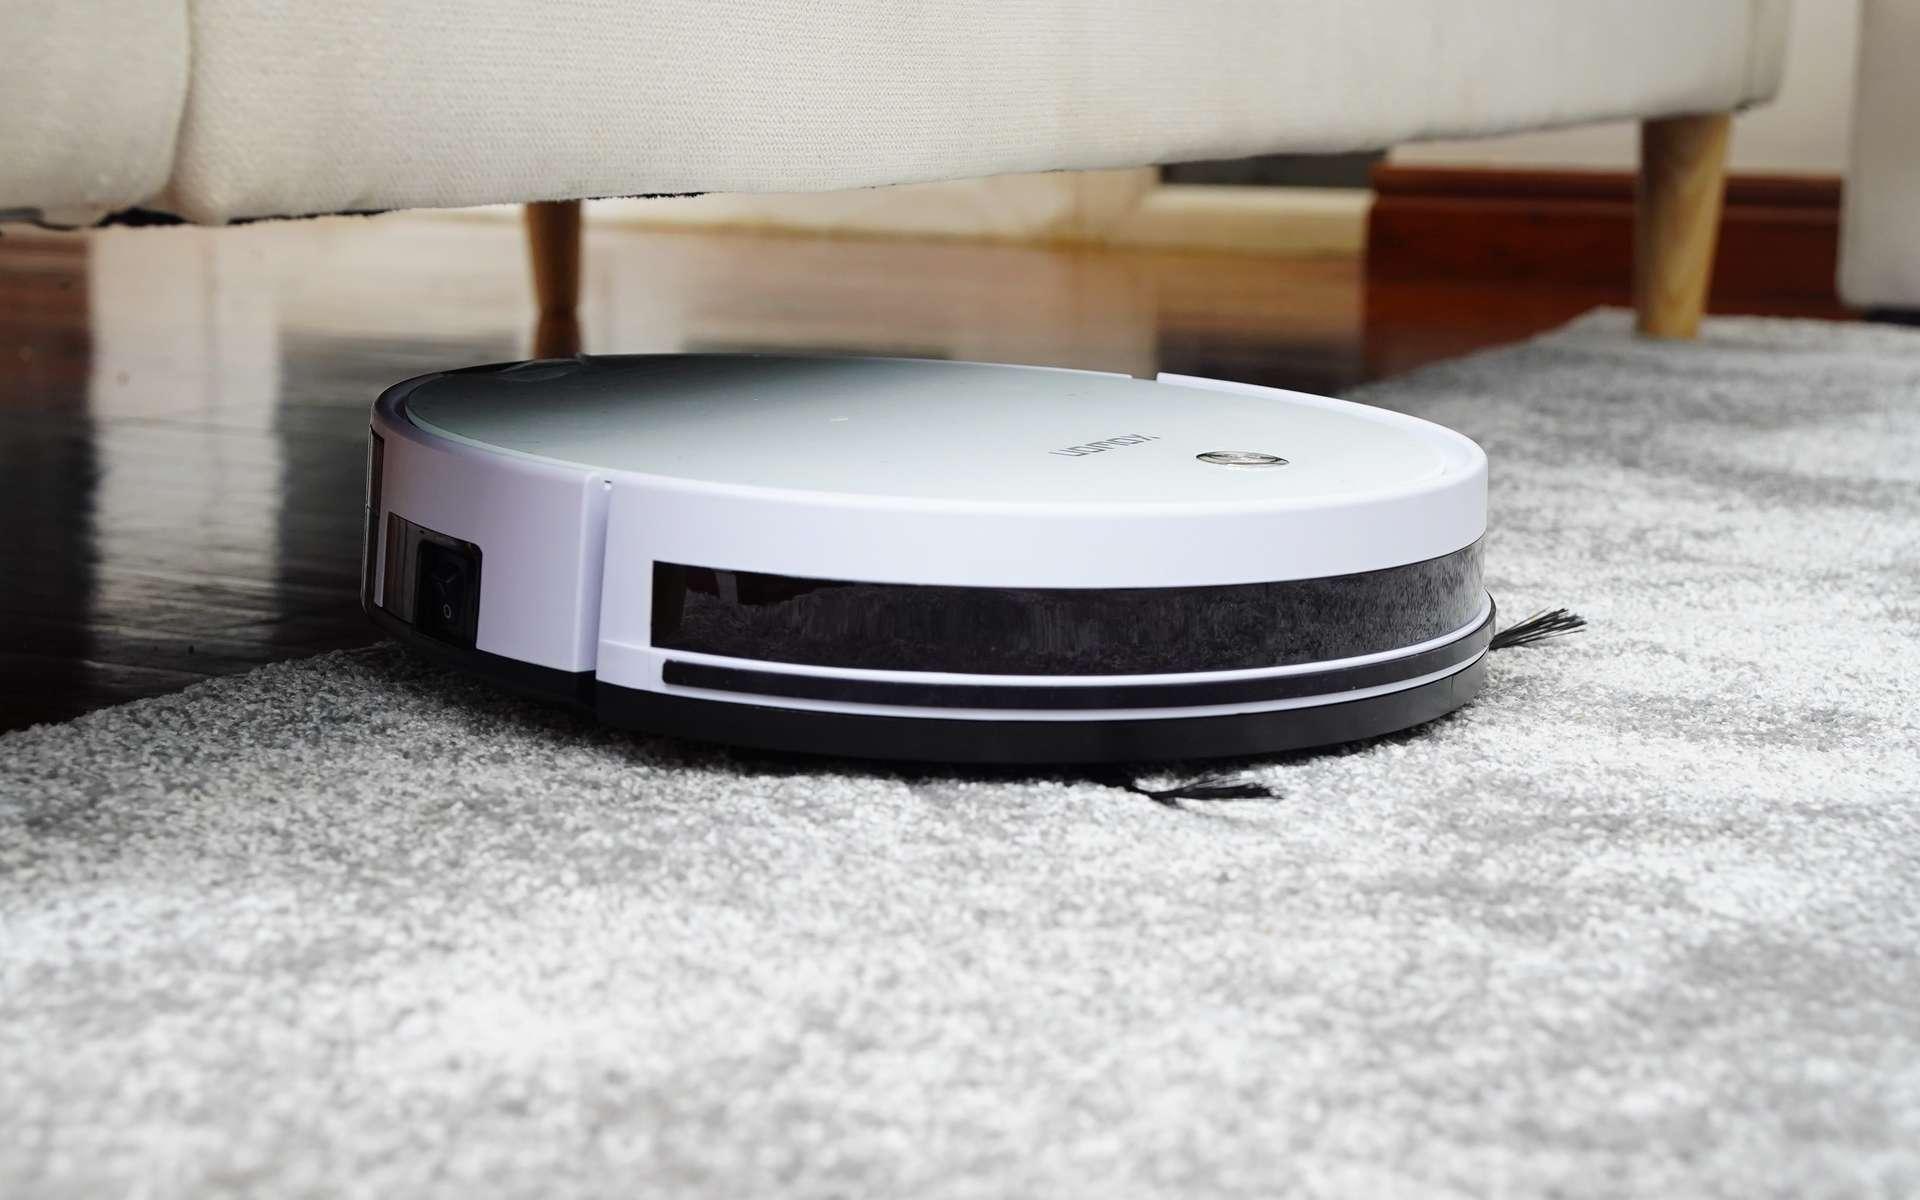 Bon plan French Days Amazon : les aspirateurs robots Ecovacs jusqu'à -25% © Kowon vn, Unsplash